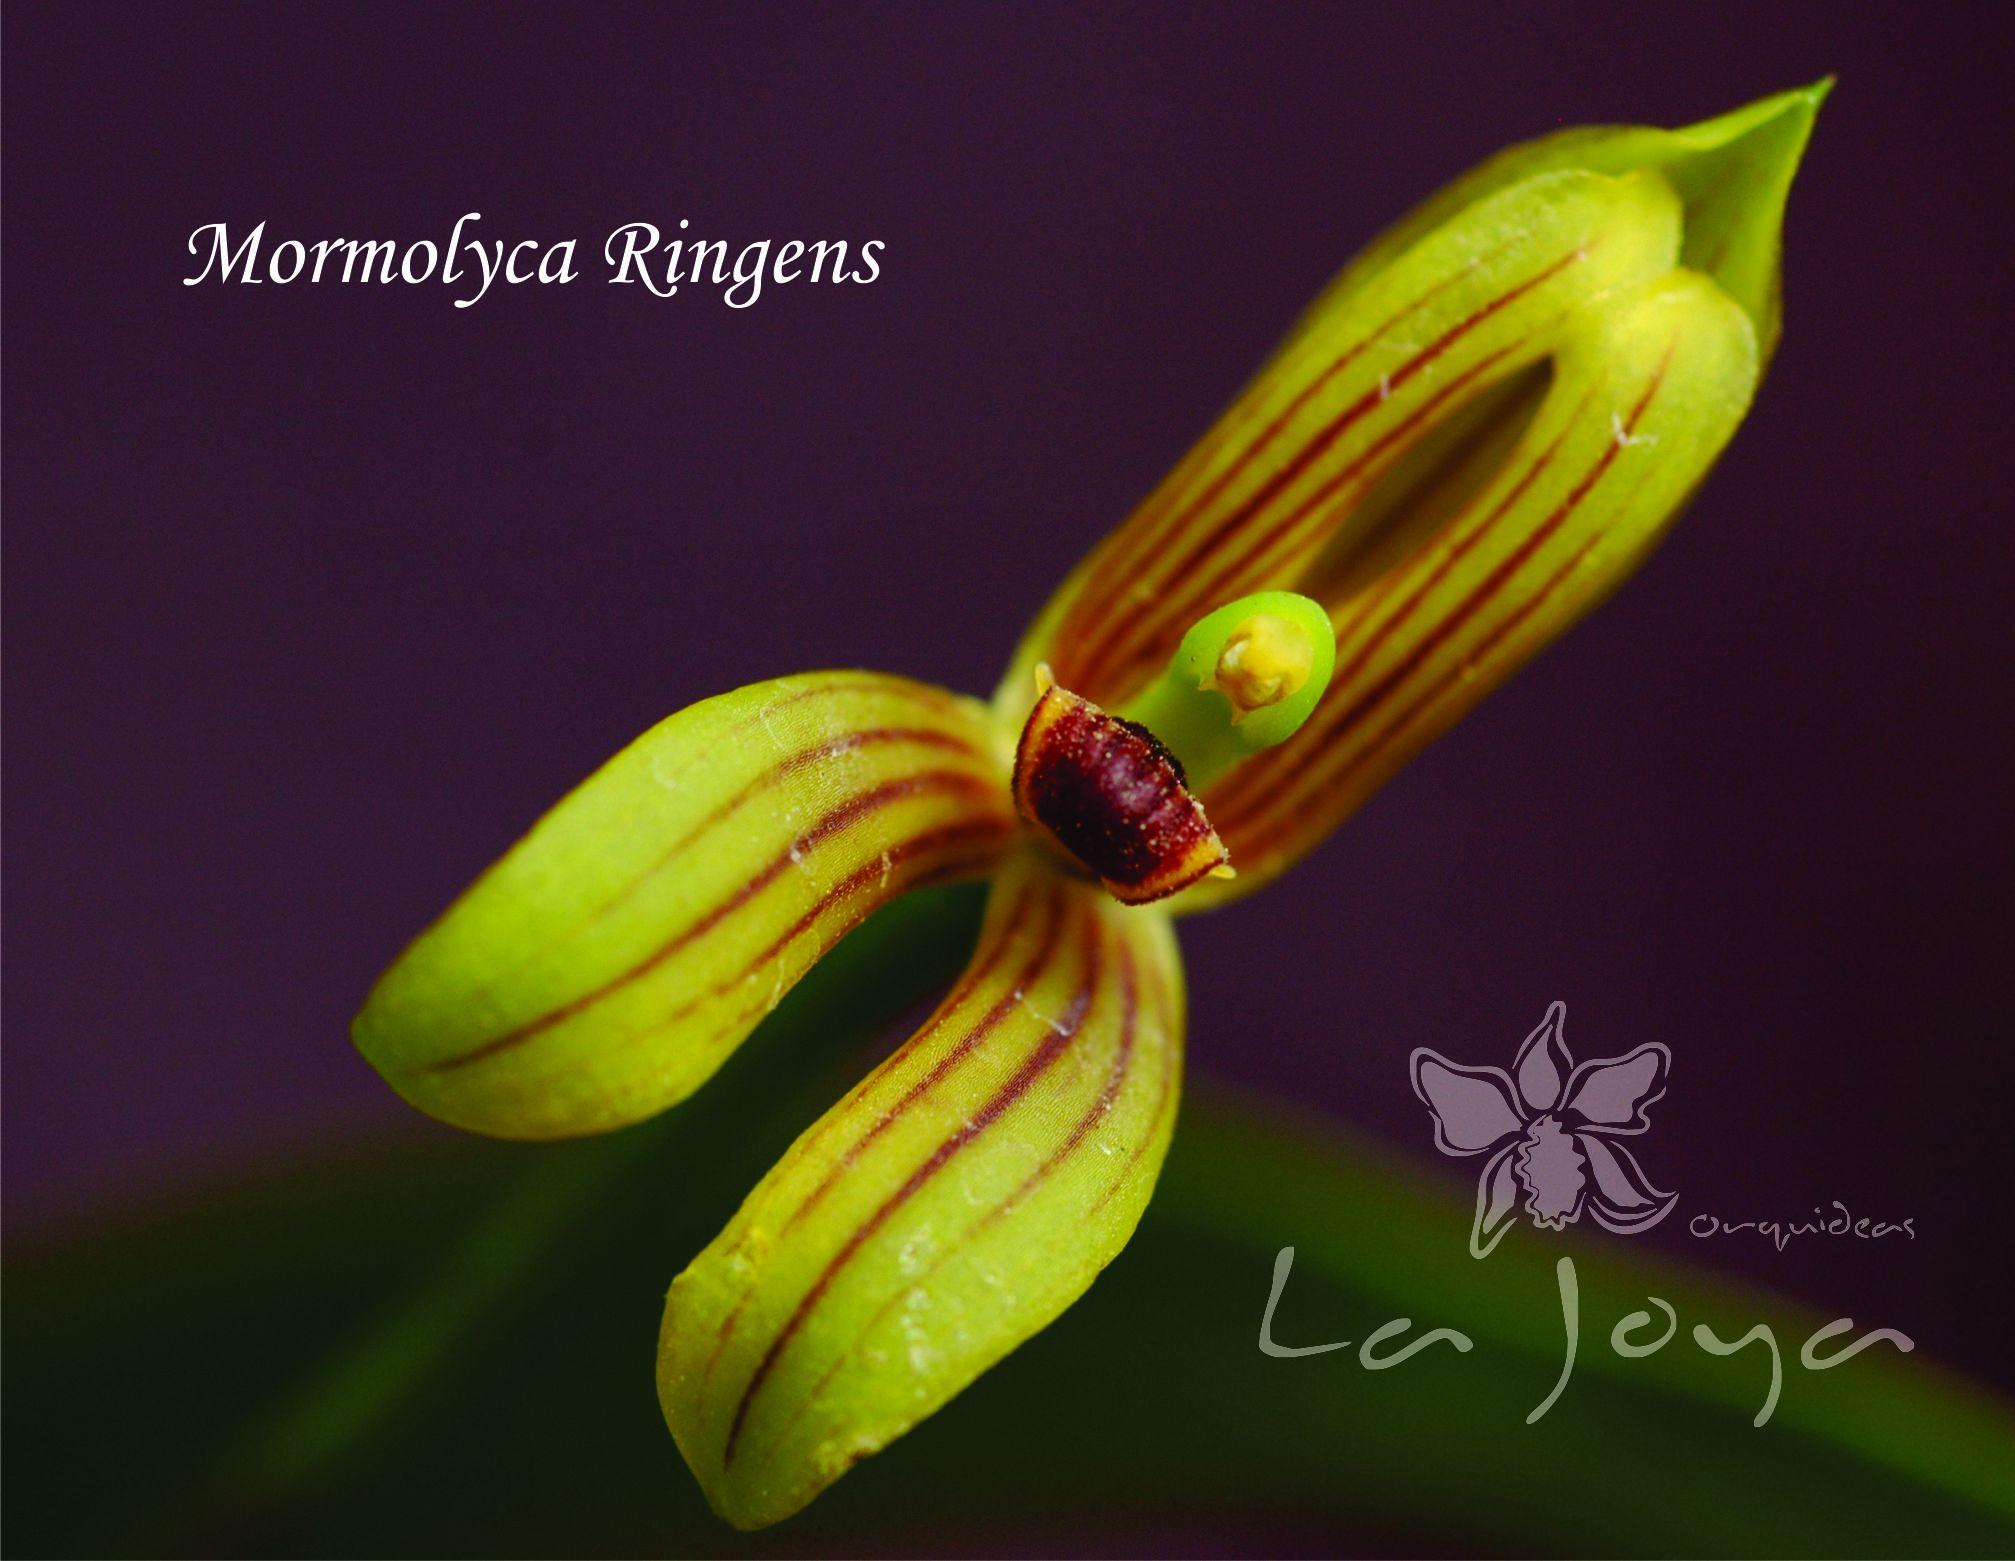 Mormolyca Ringens